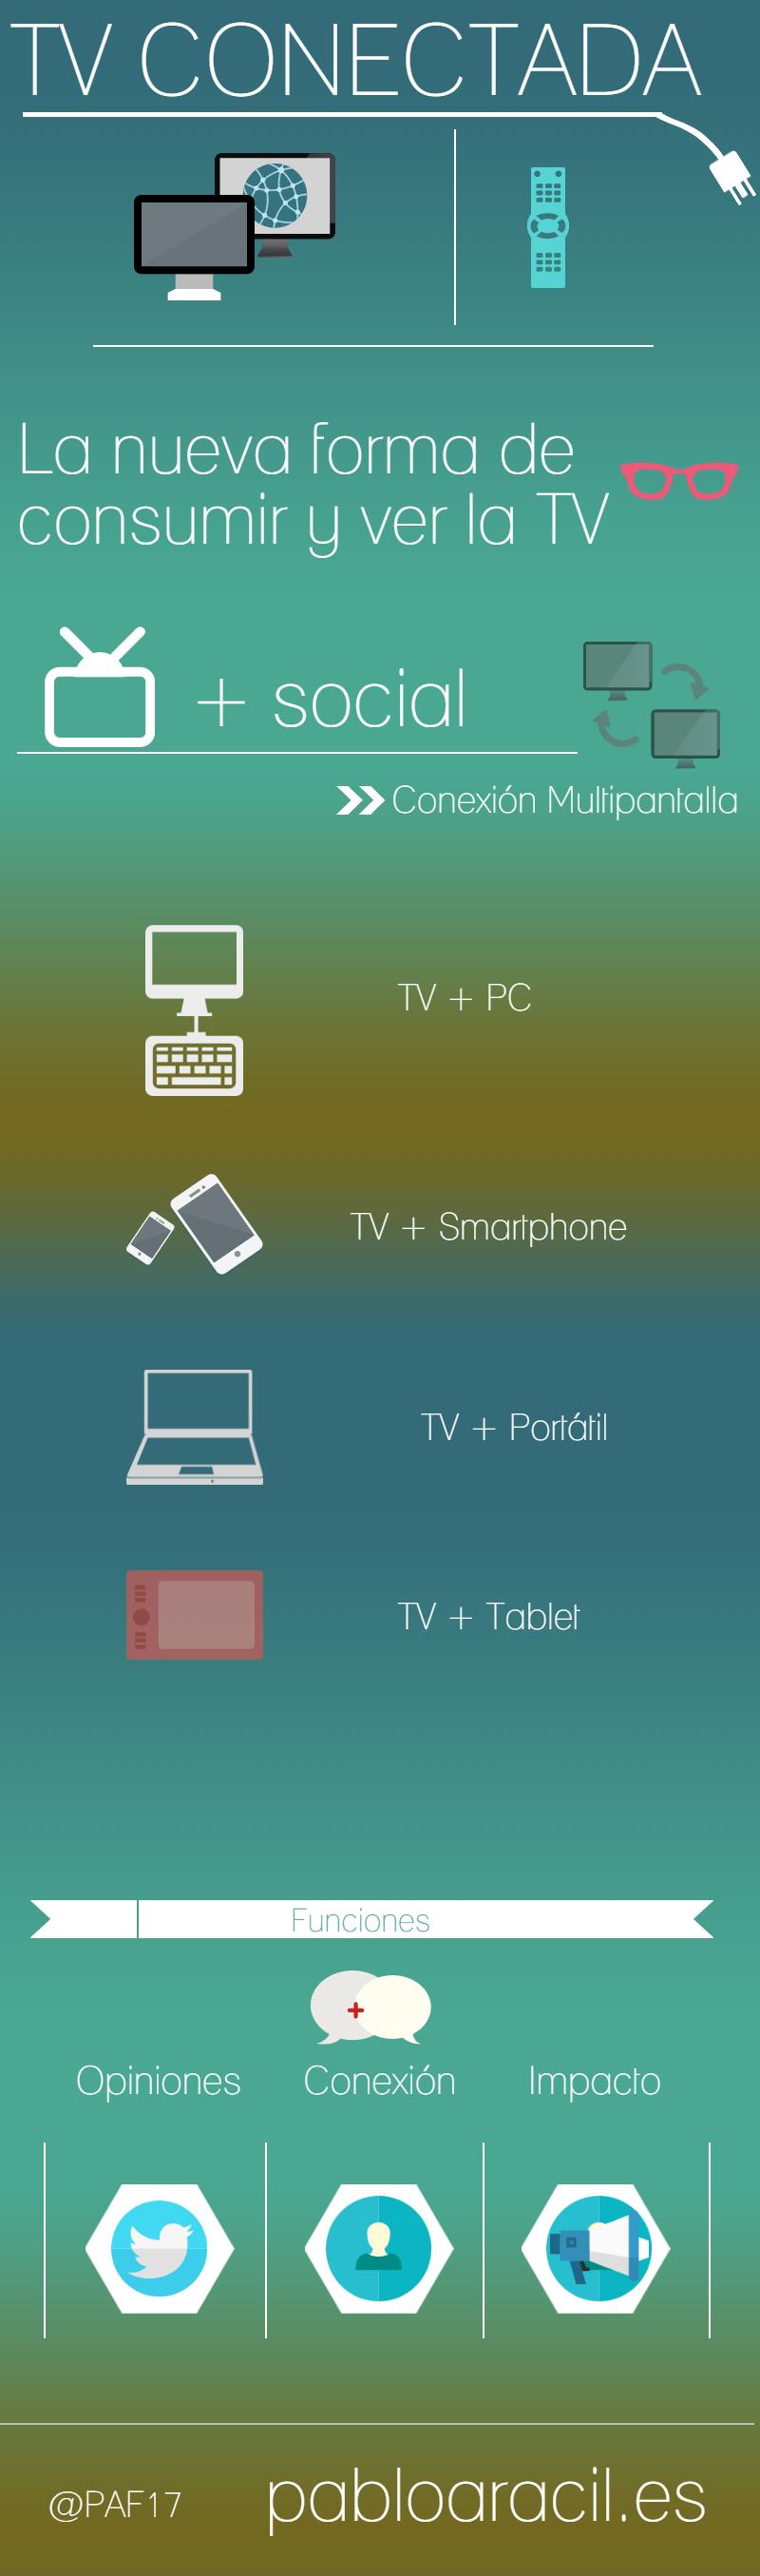 La Televisión conectada: una nueva forma de consumir TV